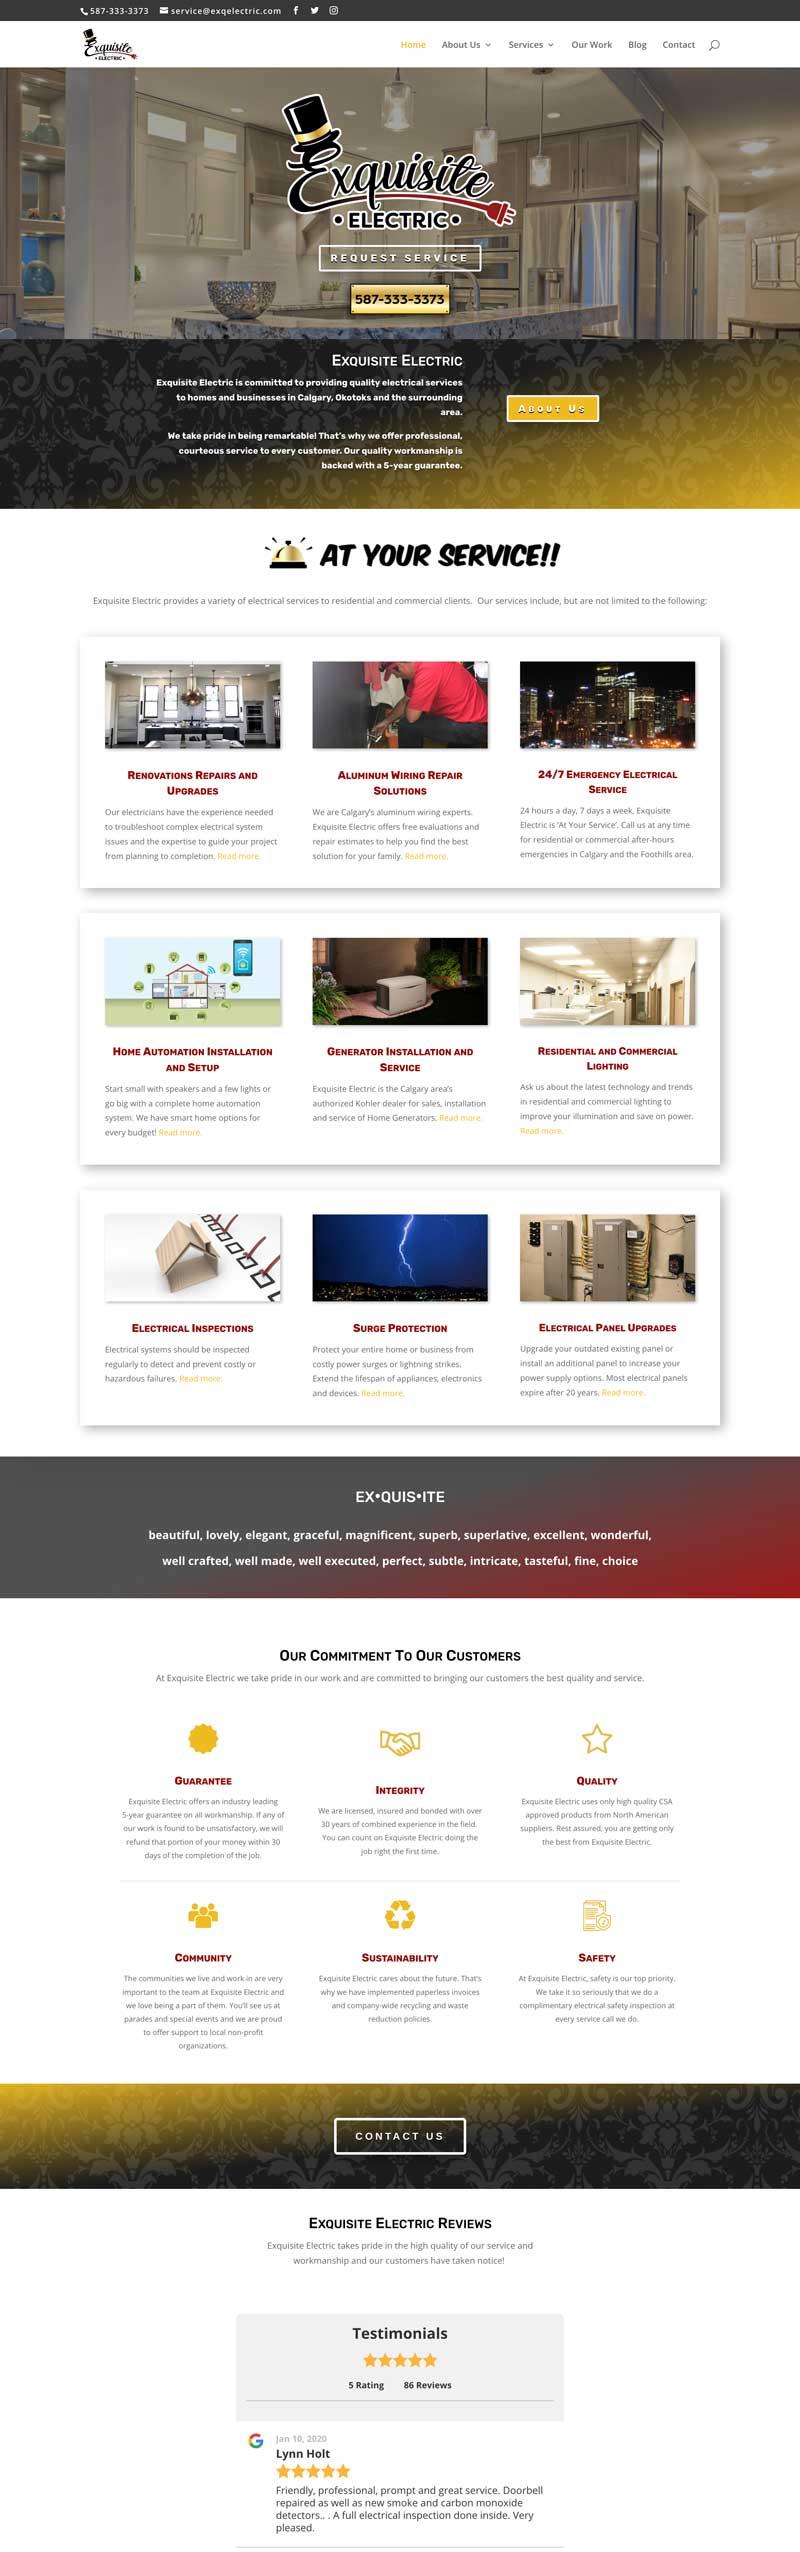 Exquisite Electric  - CPG Web Design